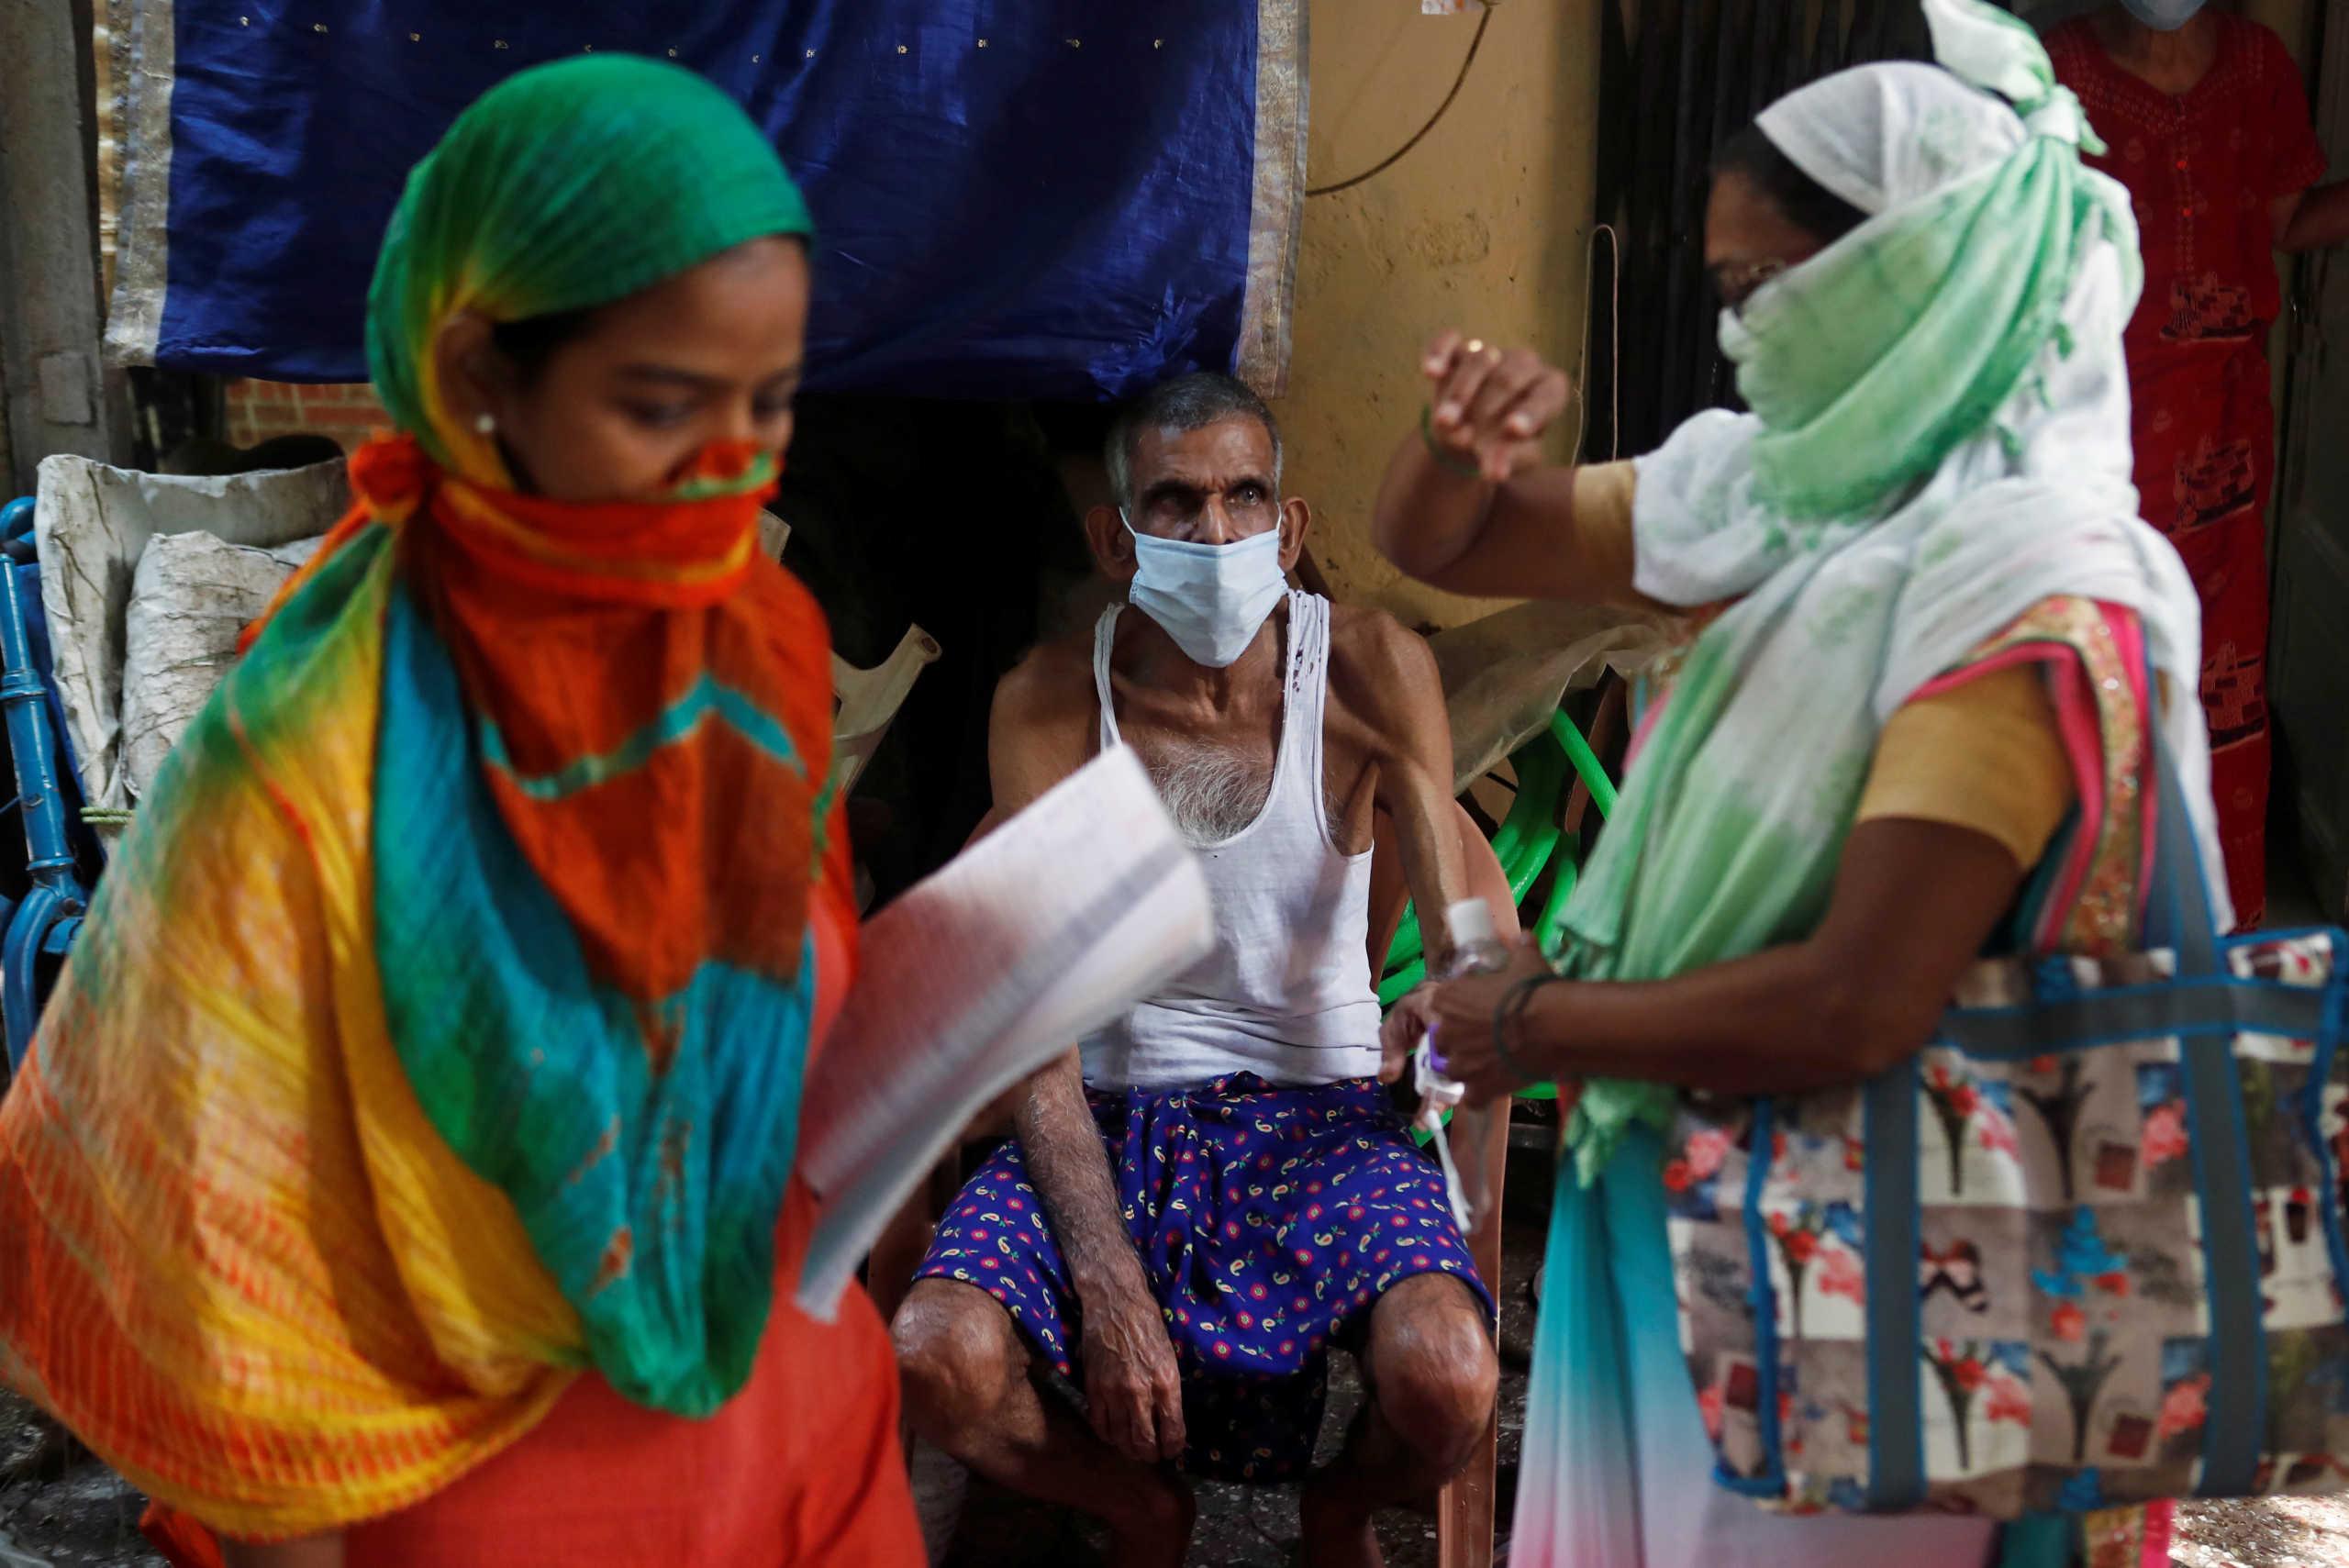 Ινδία: Σχεδόν 30.000 κρούσματα κορονοϊού και 414 θάνατοι το τελευταίο 24ωρο